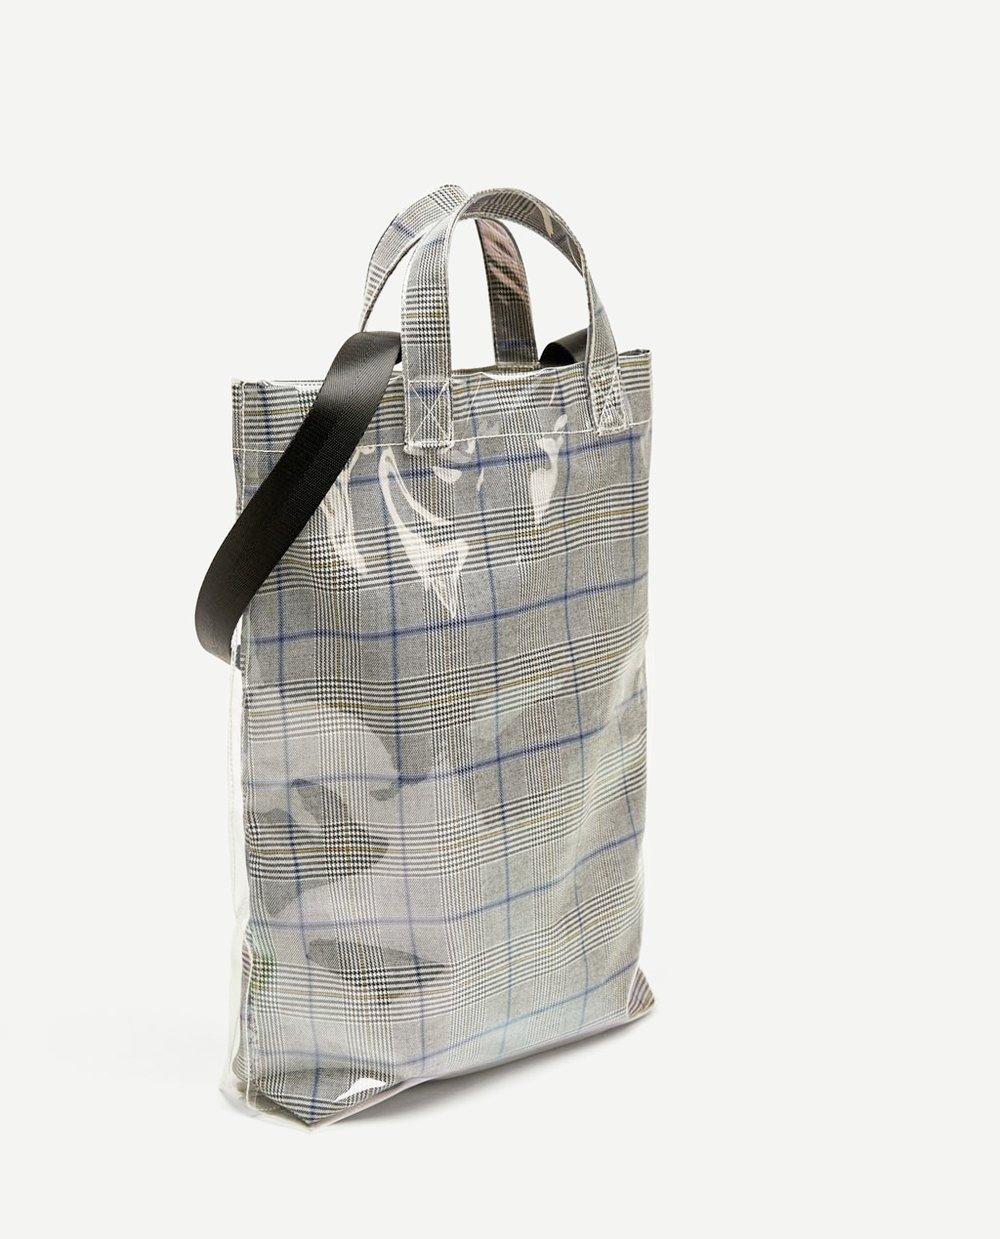 Bag, £19.99, Zara